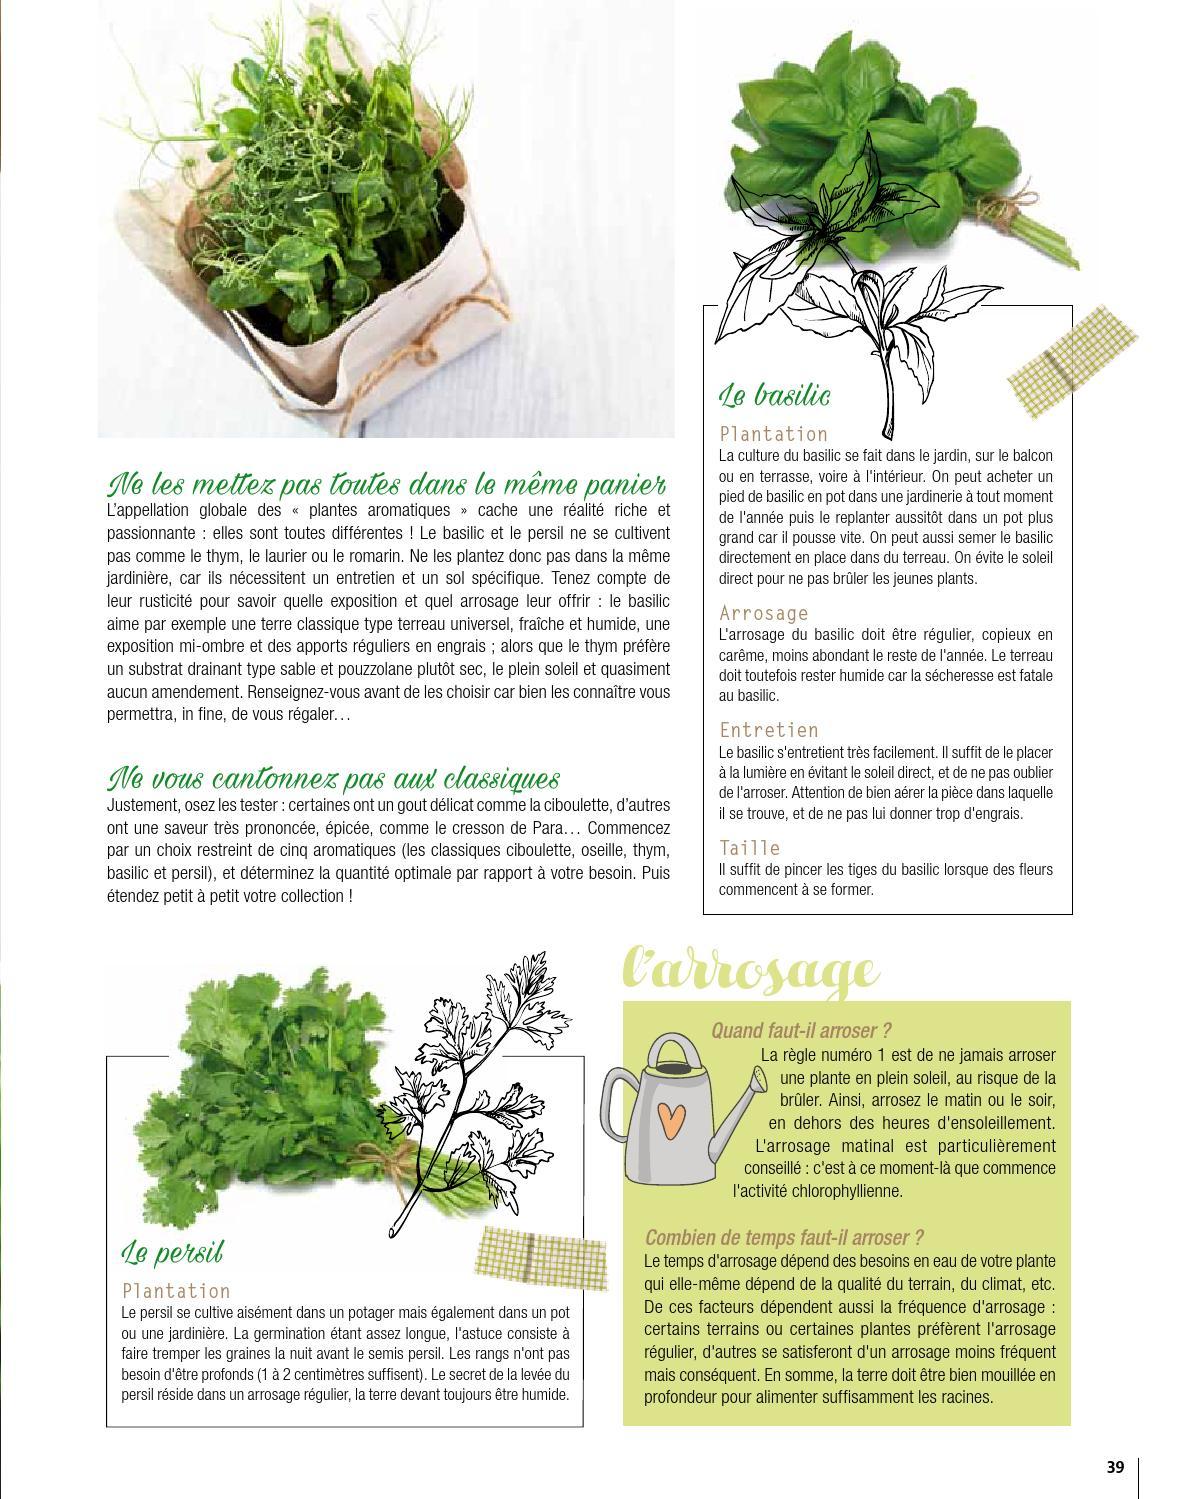 Planter Herbes Aromatiques Jardiniere bien vivre guadeloupe édition mars 2016bien vivre - issuu